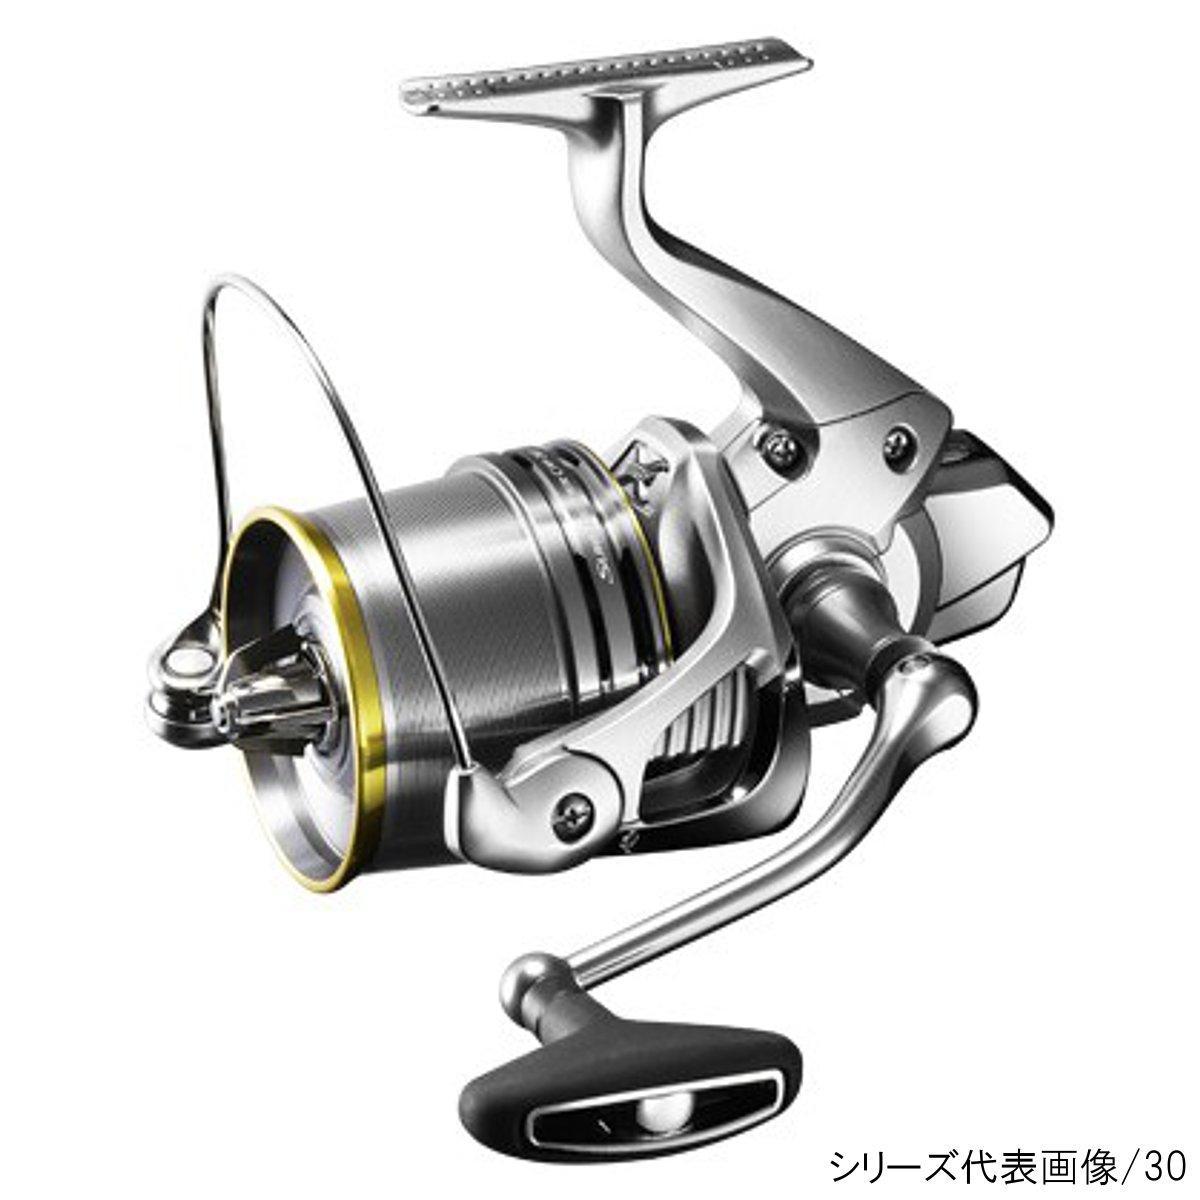 シマノ サーフリーダー CI4+ 30細糸仕様